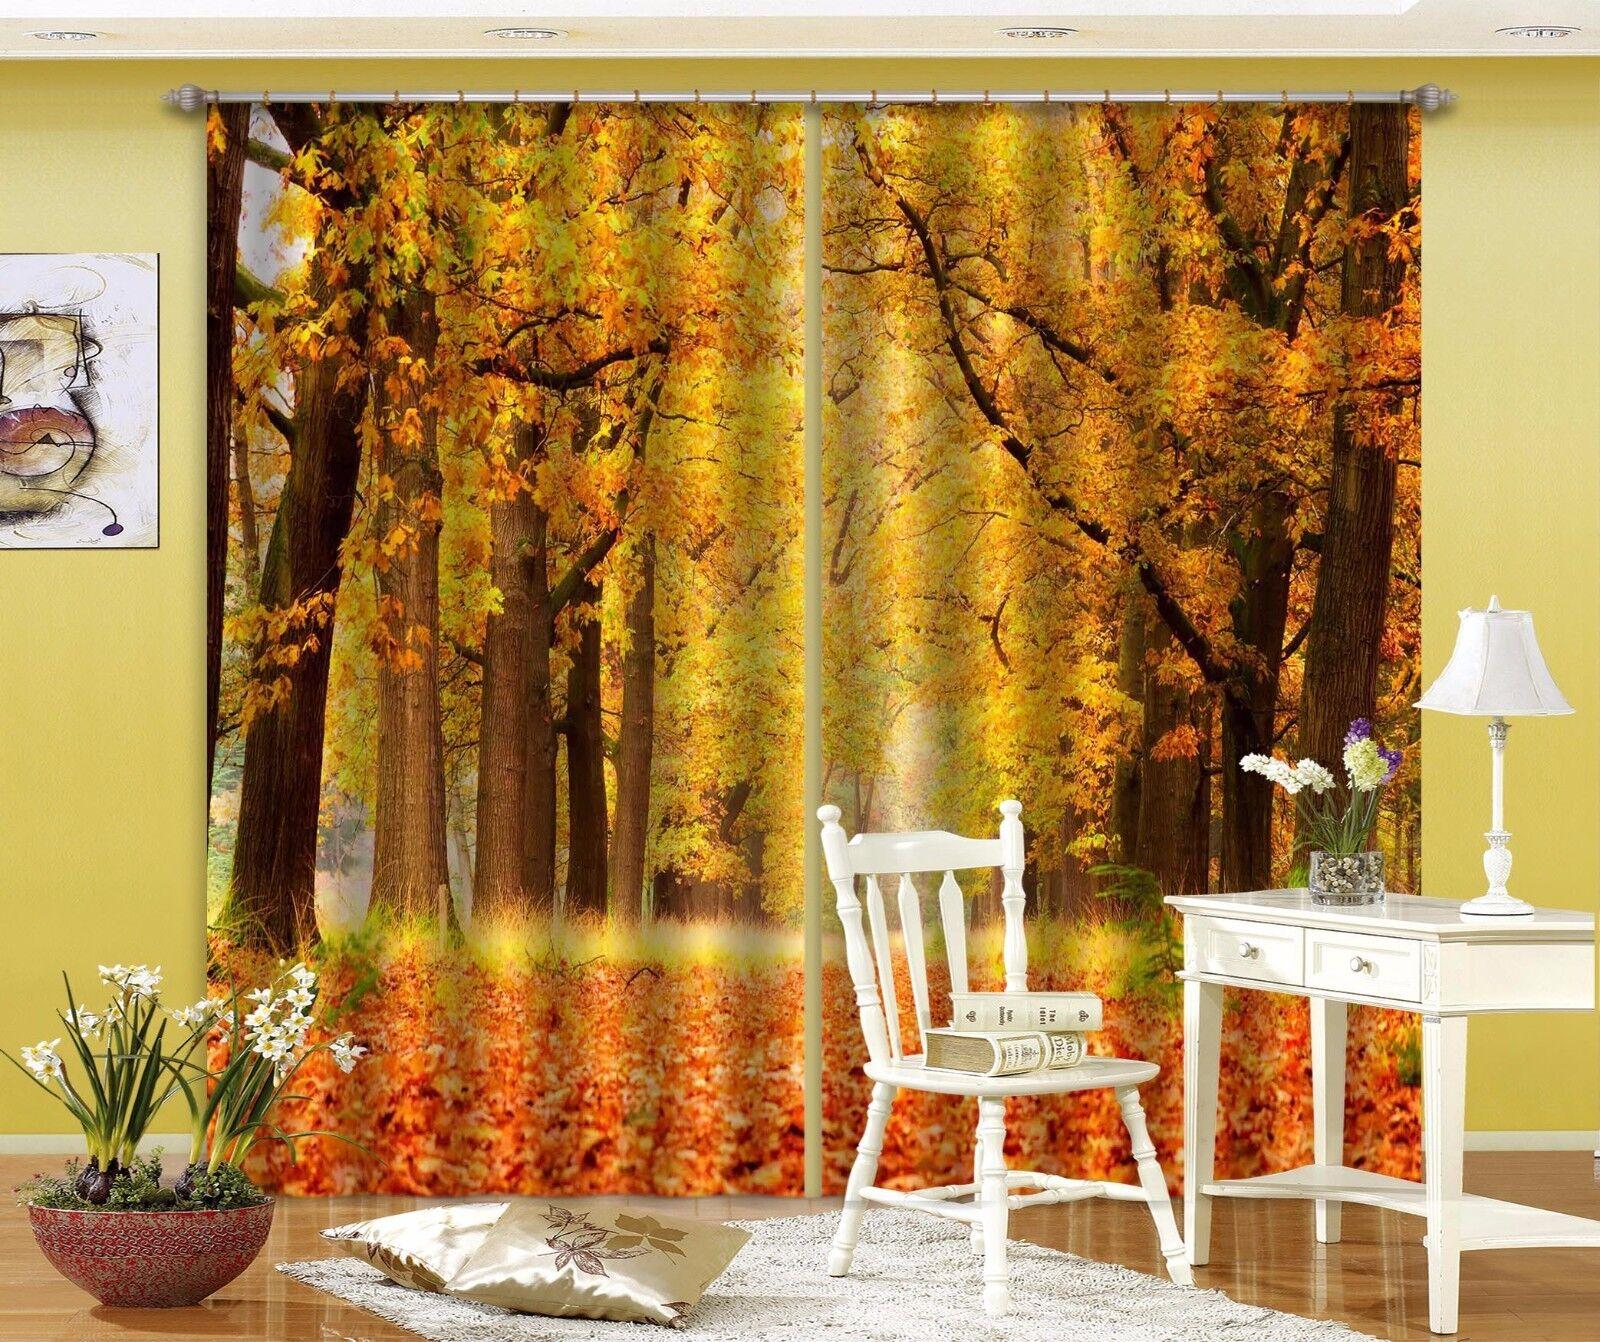 Árbol de oro 3D 798 Cortinas de impresión de cortina de foto Blockout Tela Cortinas Ventana CA